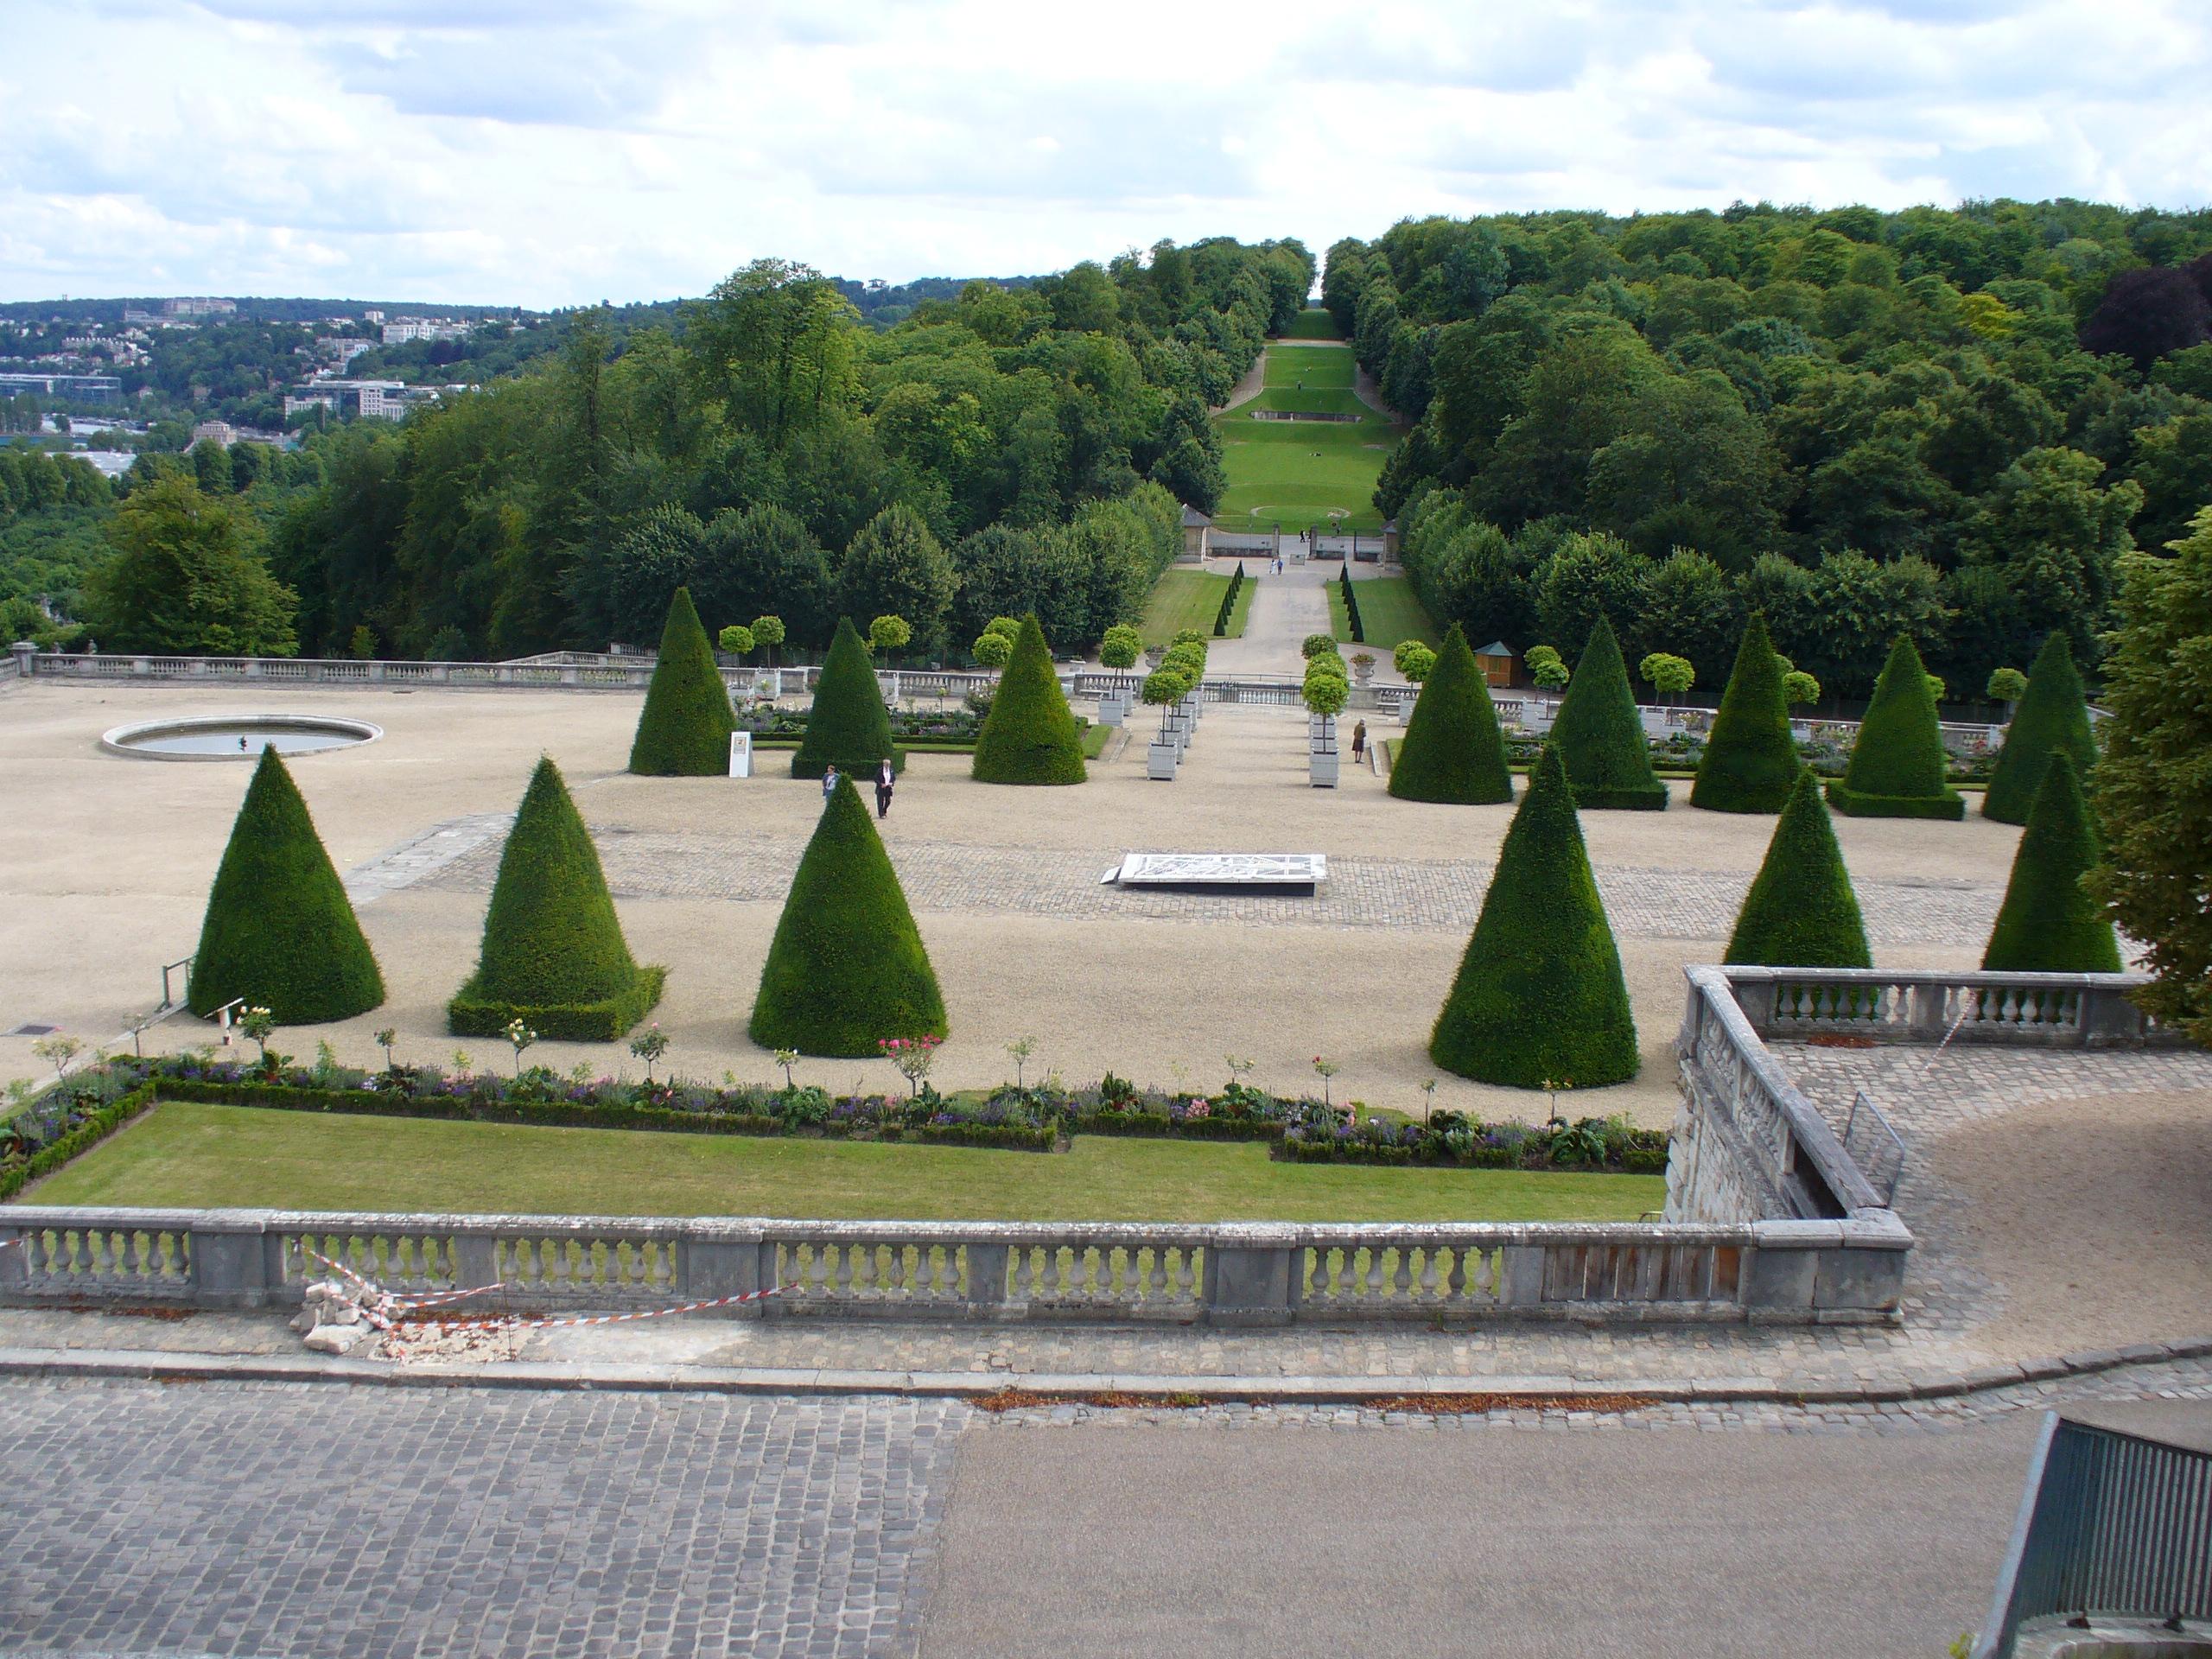 Parc de Saint-Cloud - Wikipedia